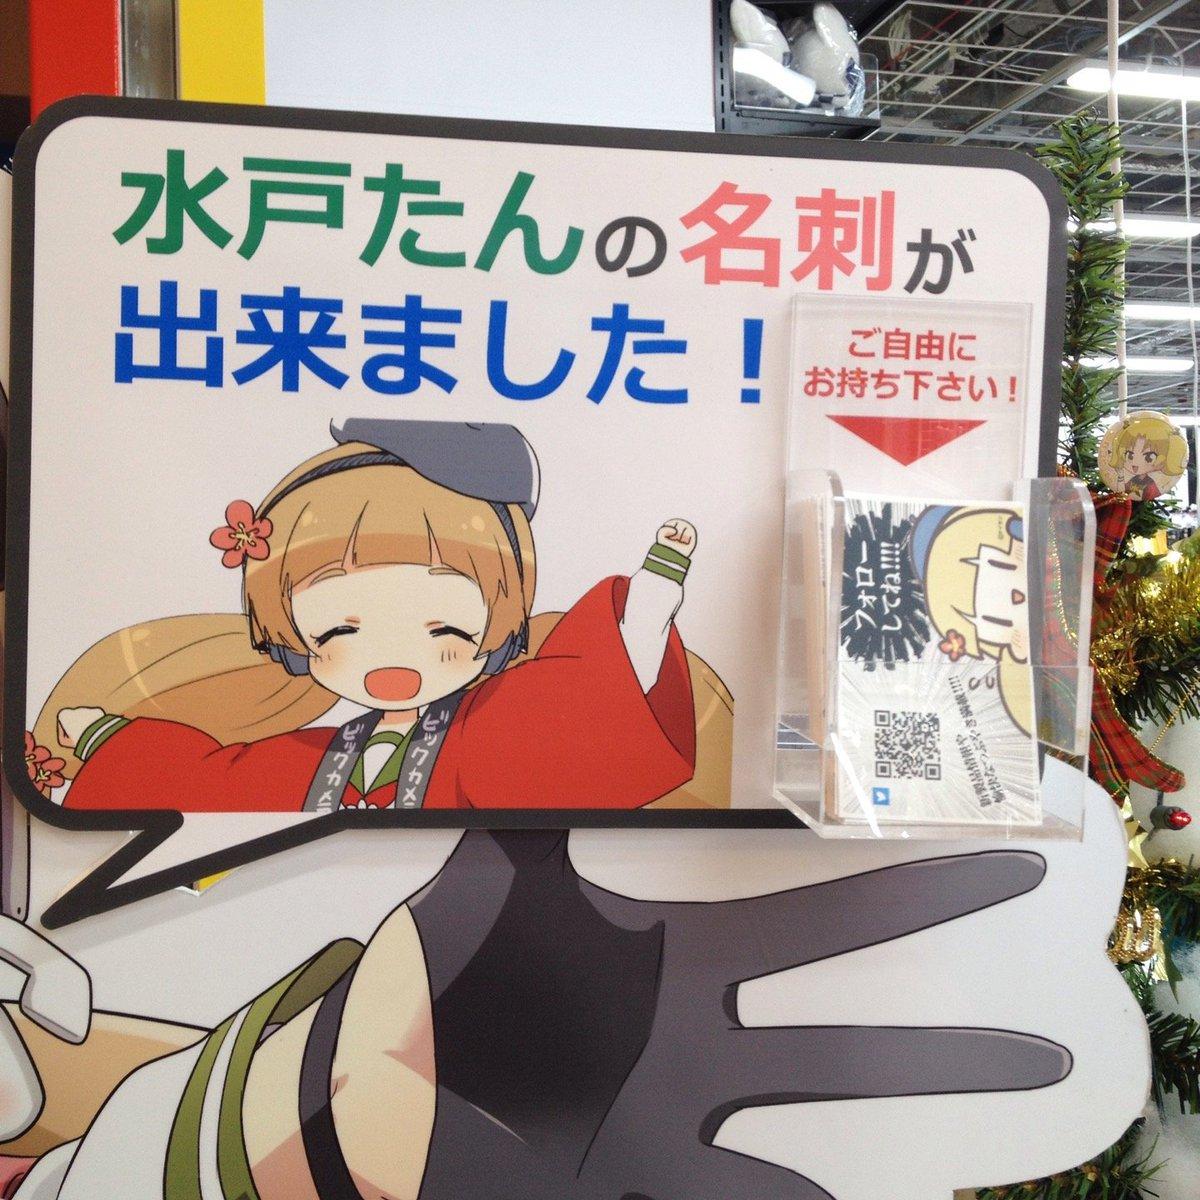 ビックカメラ 水戸駅店 水戸たん(水戸たんの名刺が出来ました!)